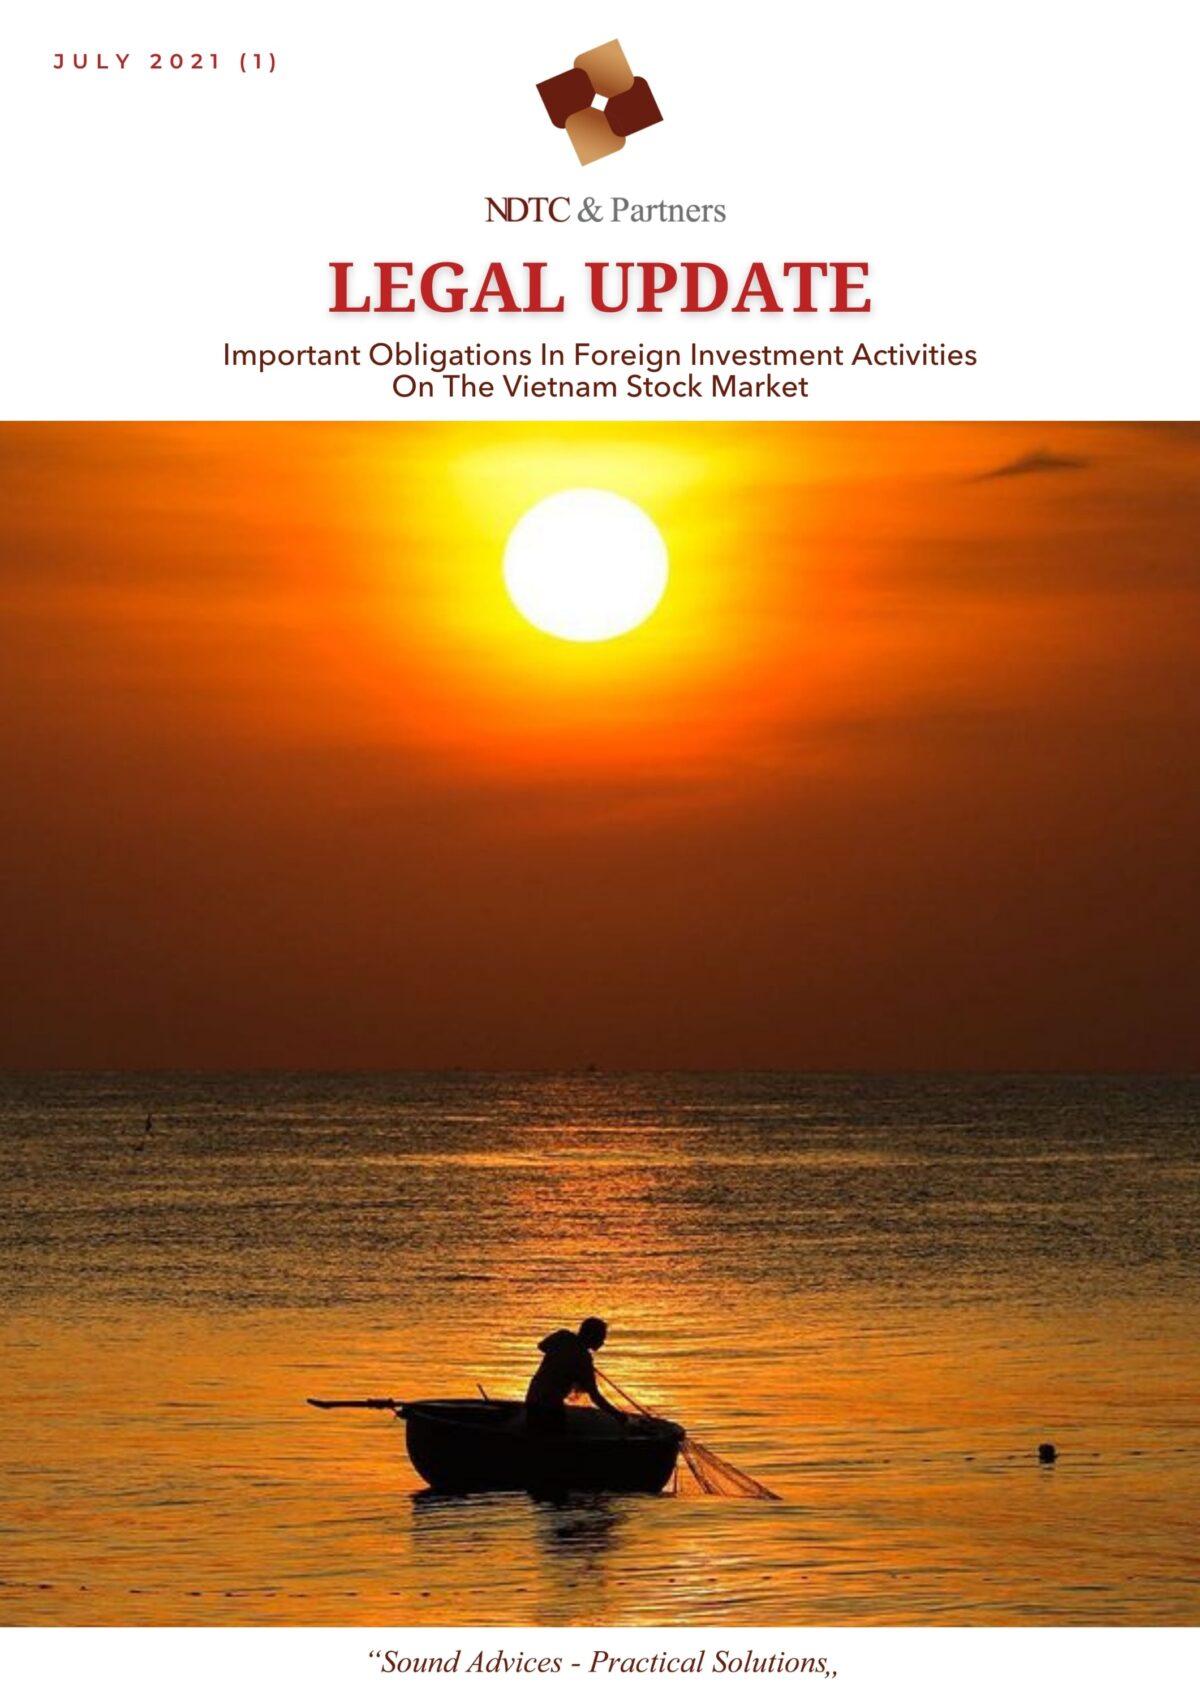 Legal Update July 2021 (1)